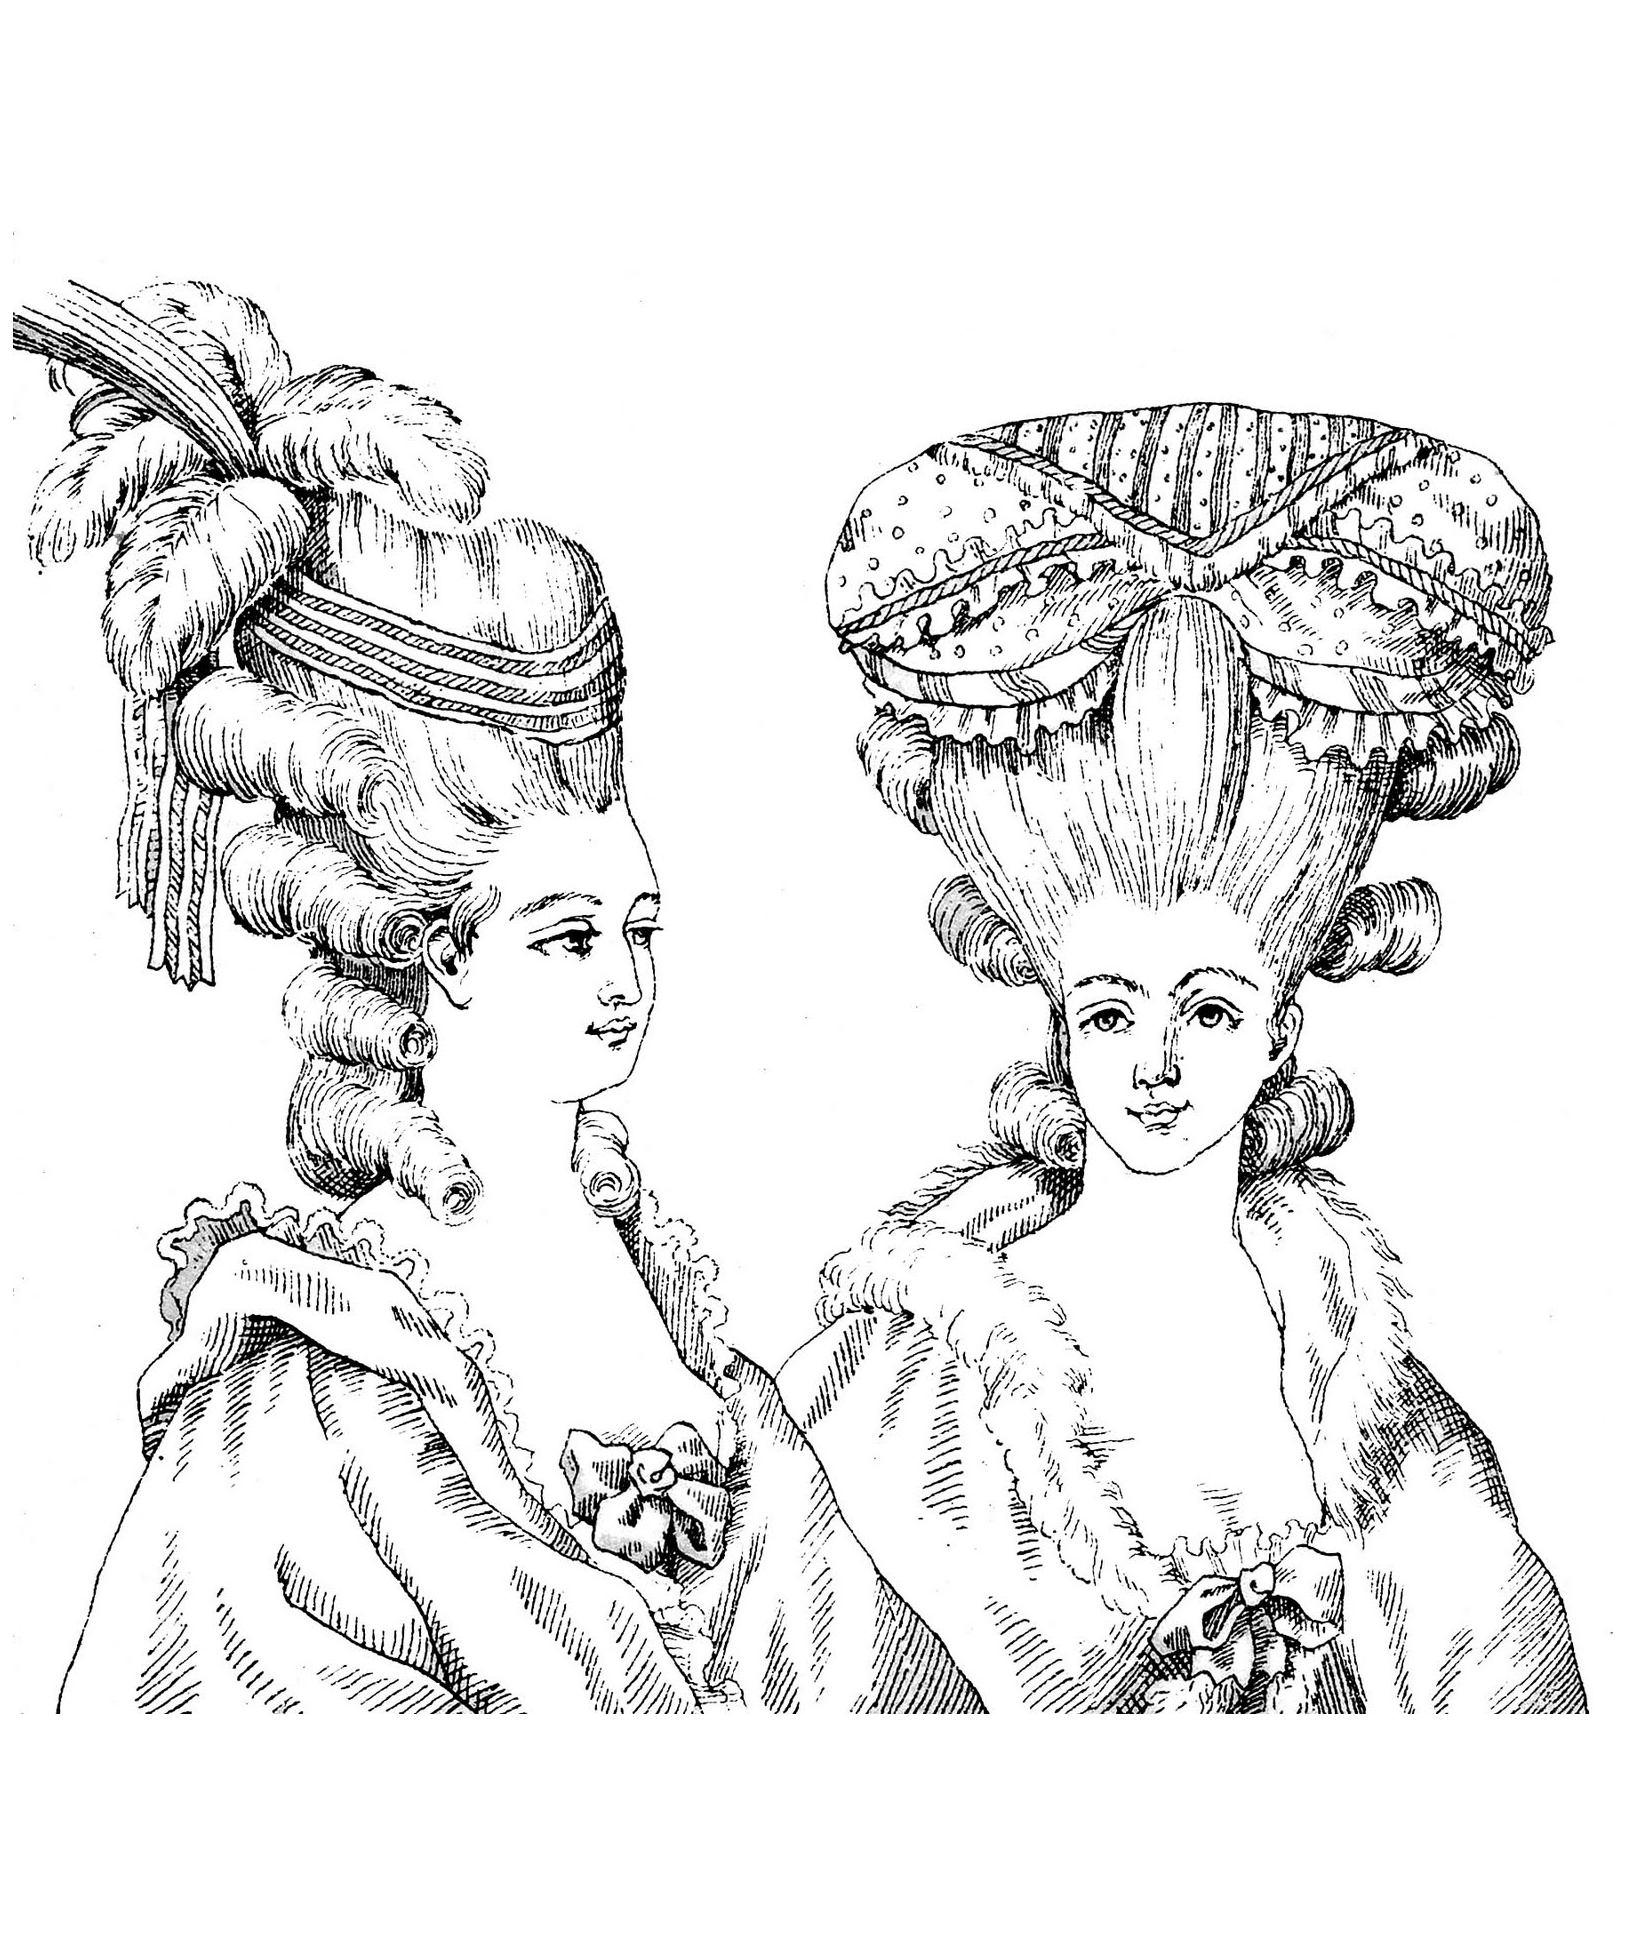 Coiffure style Marie-Antoinette (gravue d'un livre de 1880)